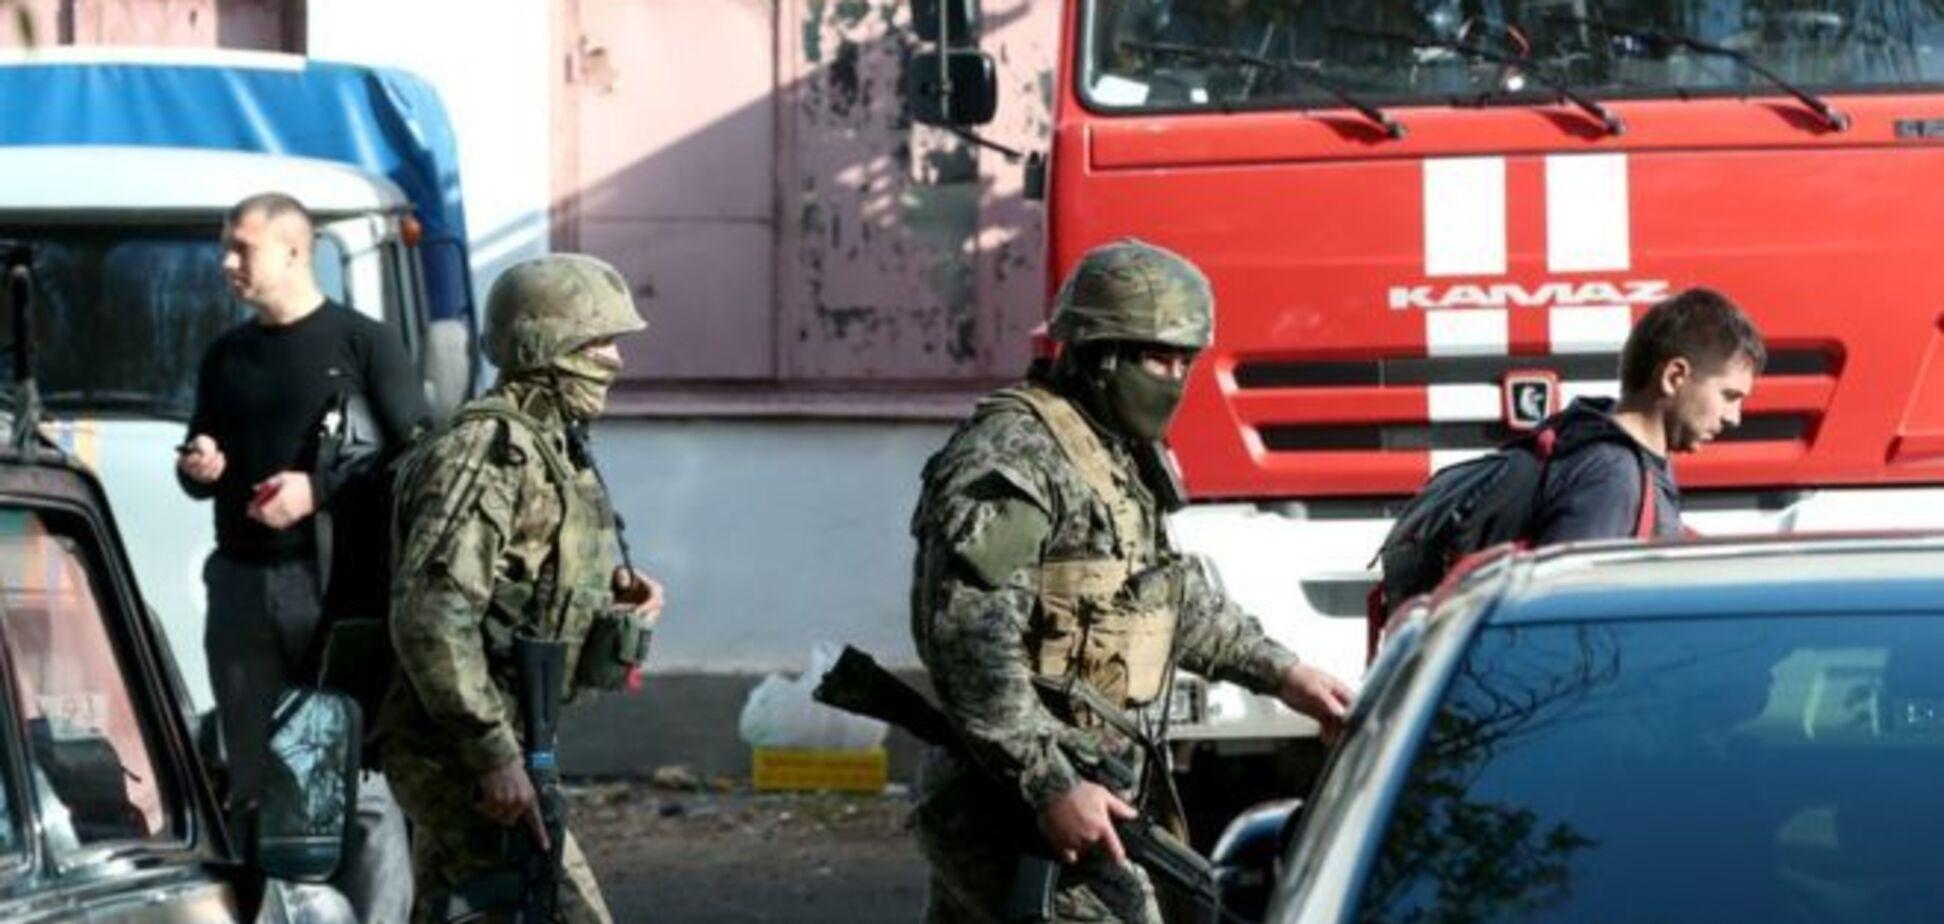 Массовое убийство в Керчи: появились подробности о взрывчатке стрелка